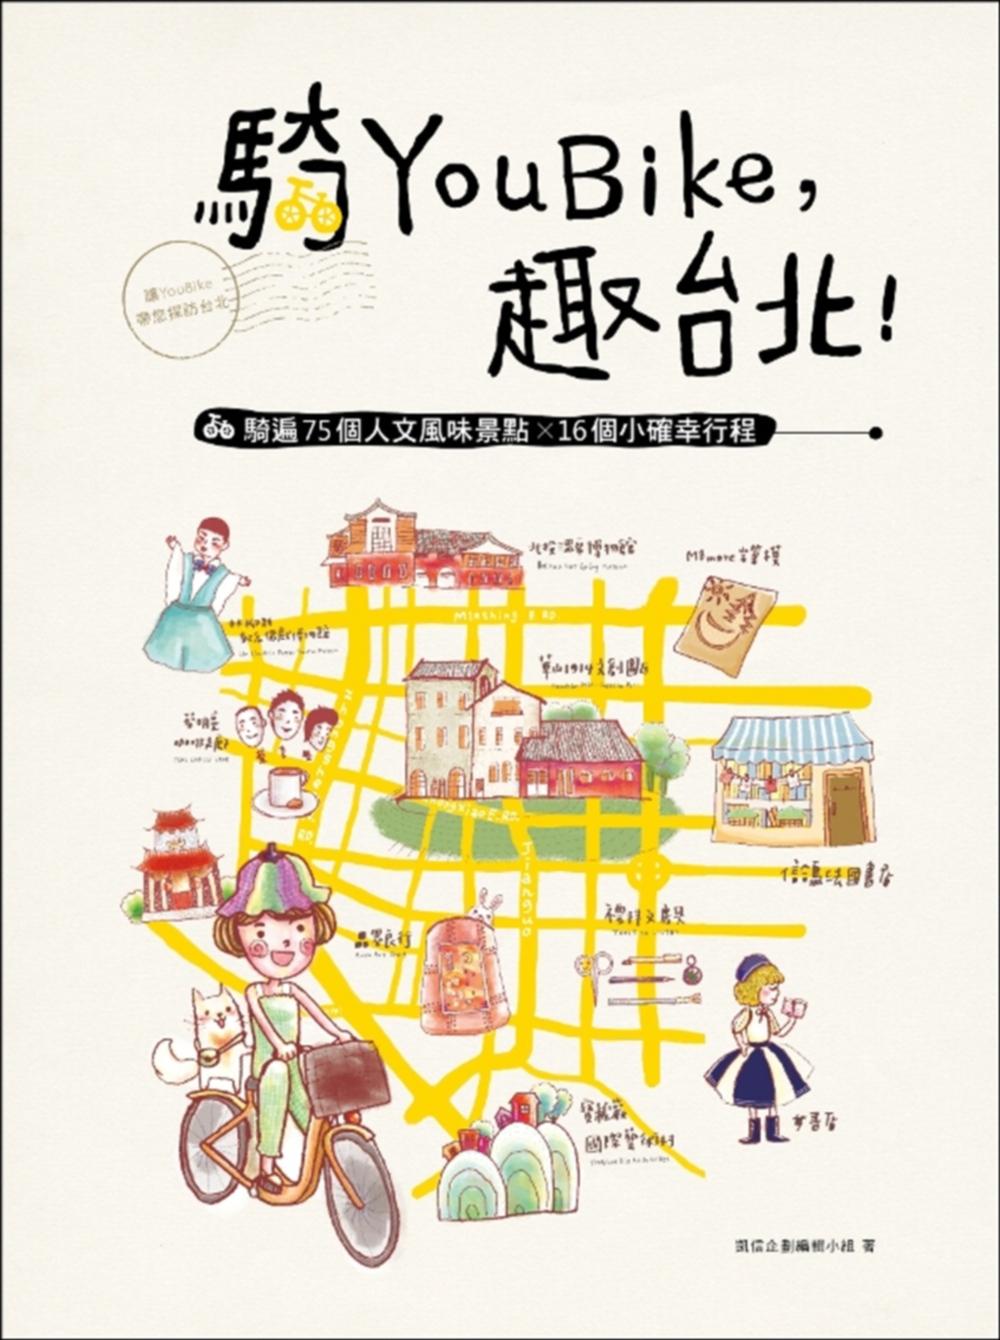 騎YouBike,趣台北!:YouBike+捷運+散步,騎遍75個人文風味景點×16個小確幸行程